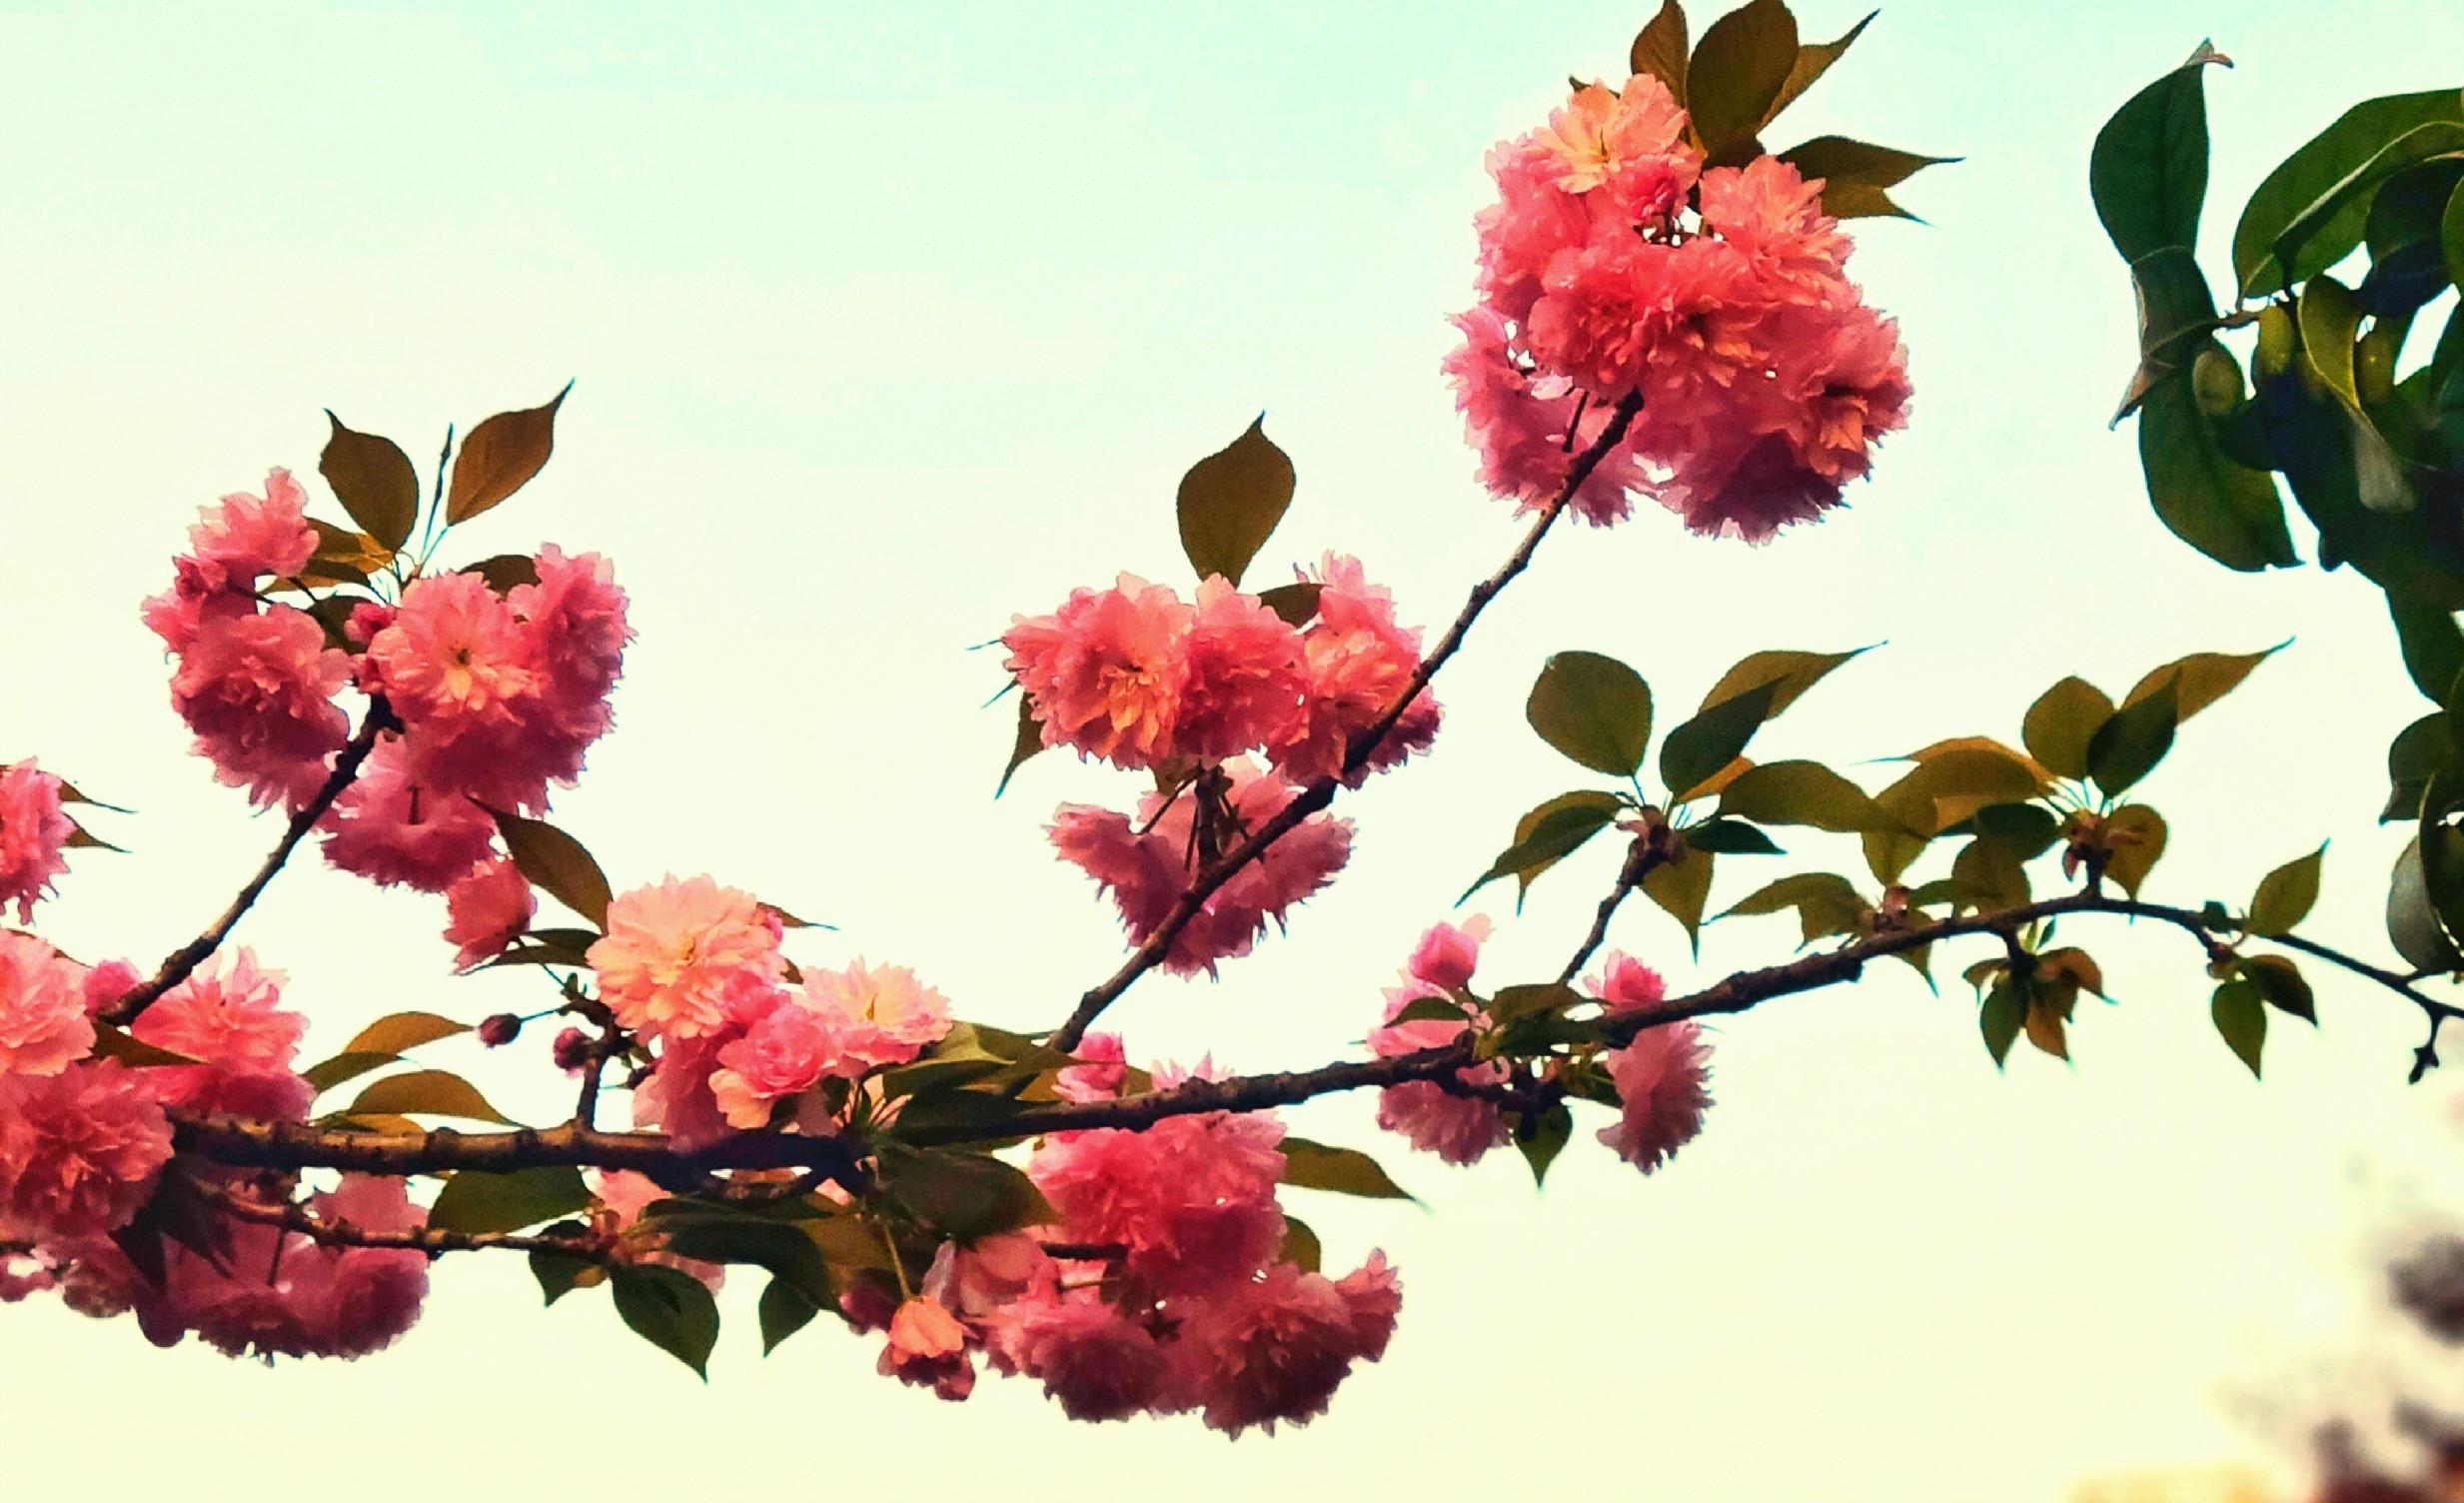 [春花烂漫]+暮色樱花